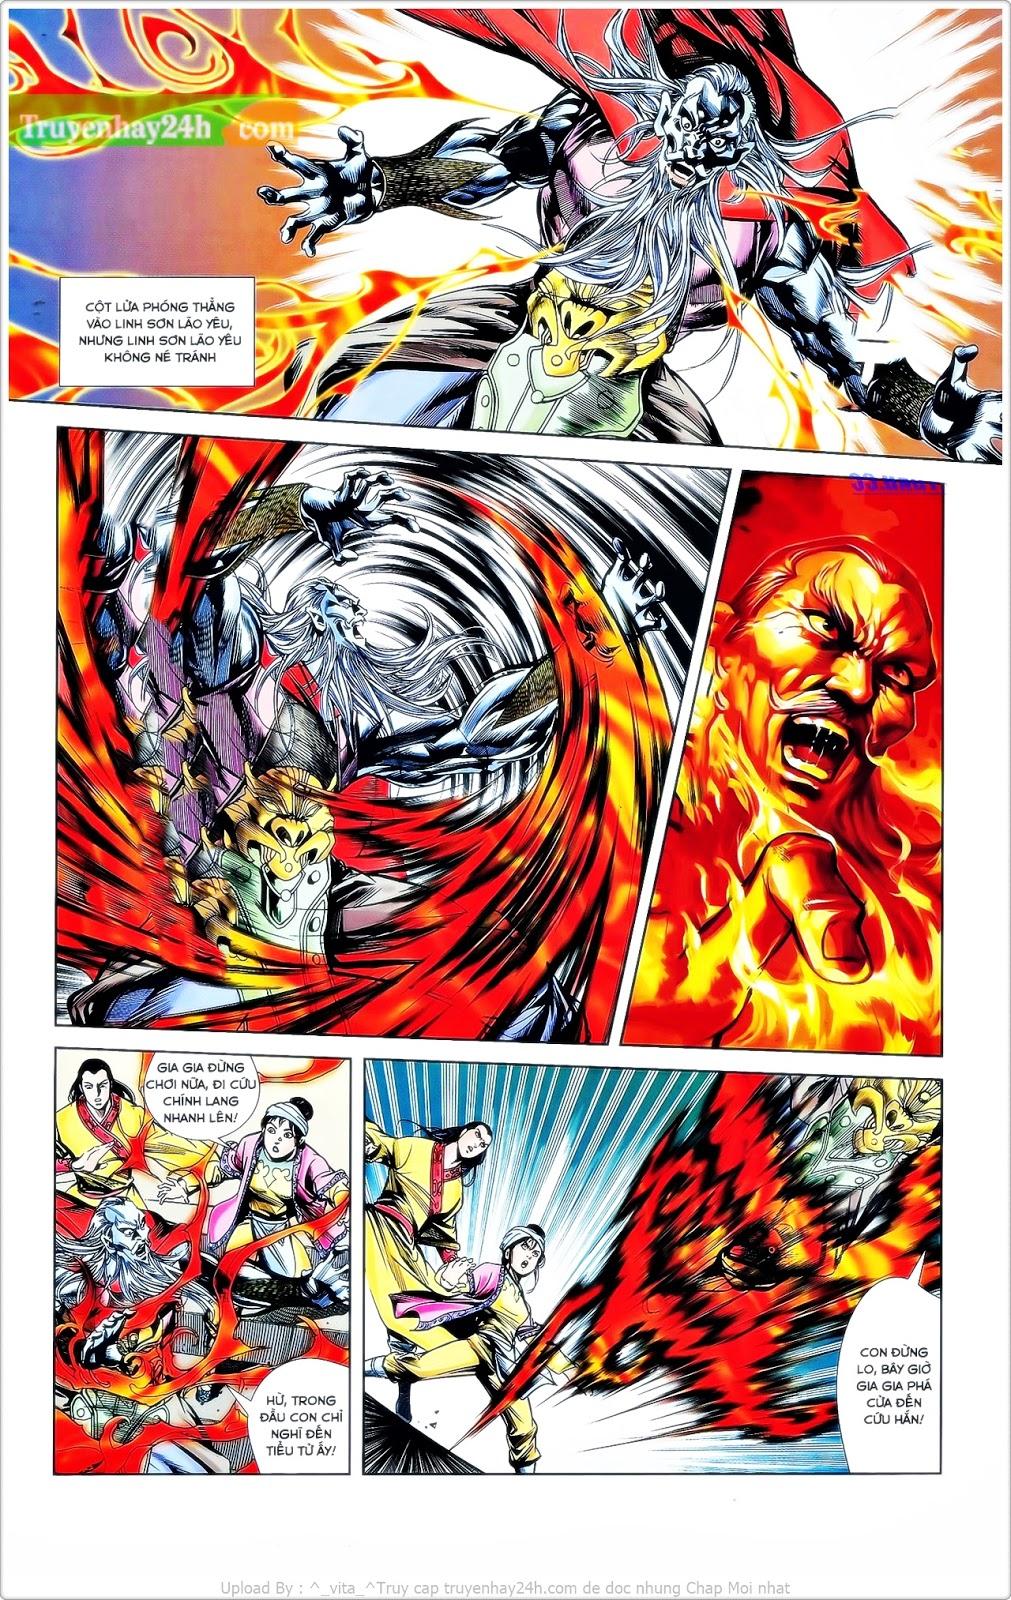 Tần Vương Doanh Chính chapter 25 trang 26